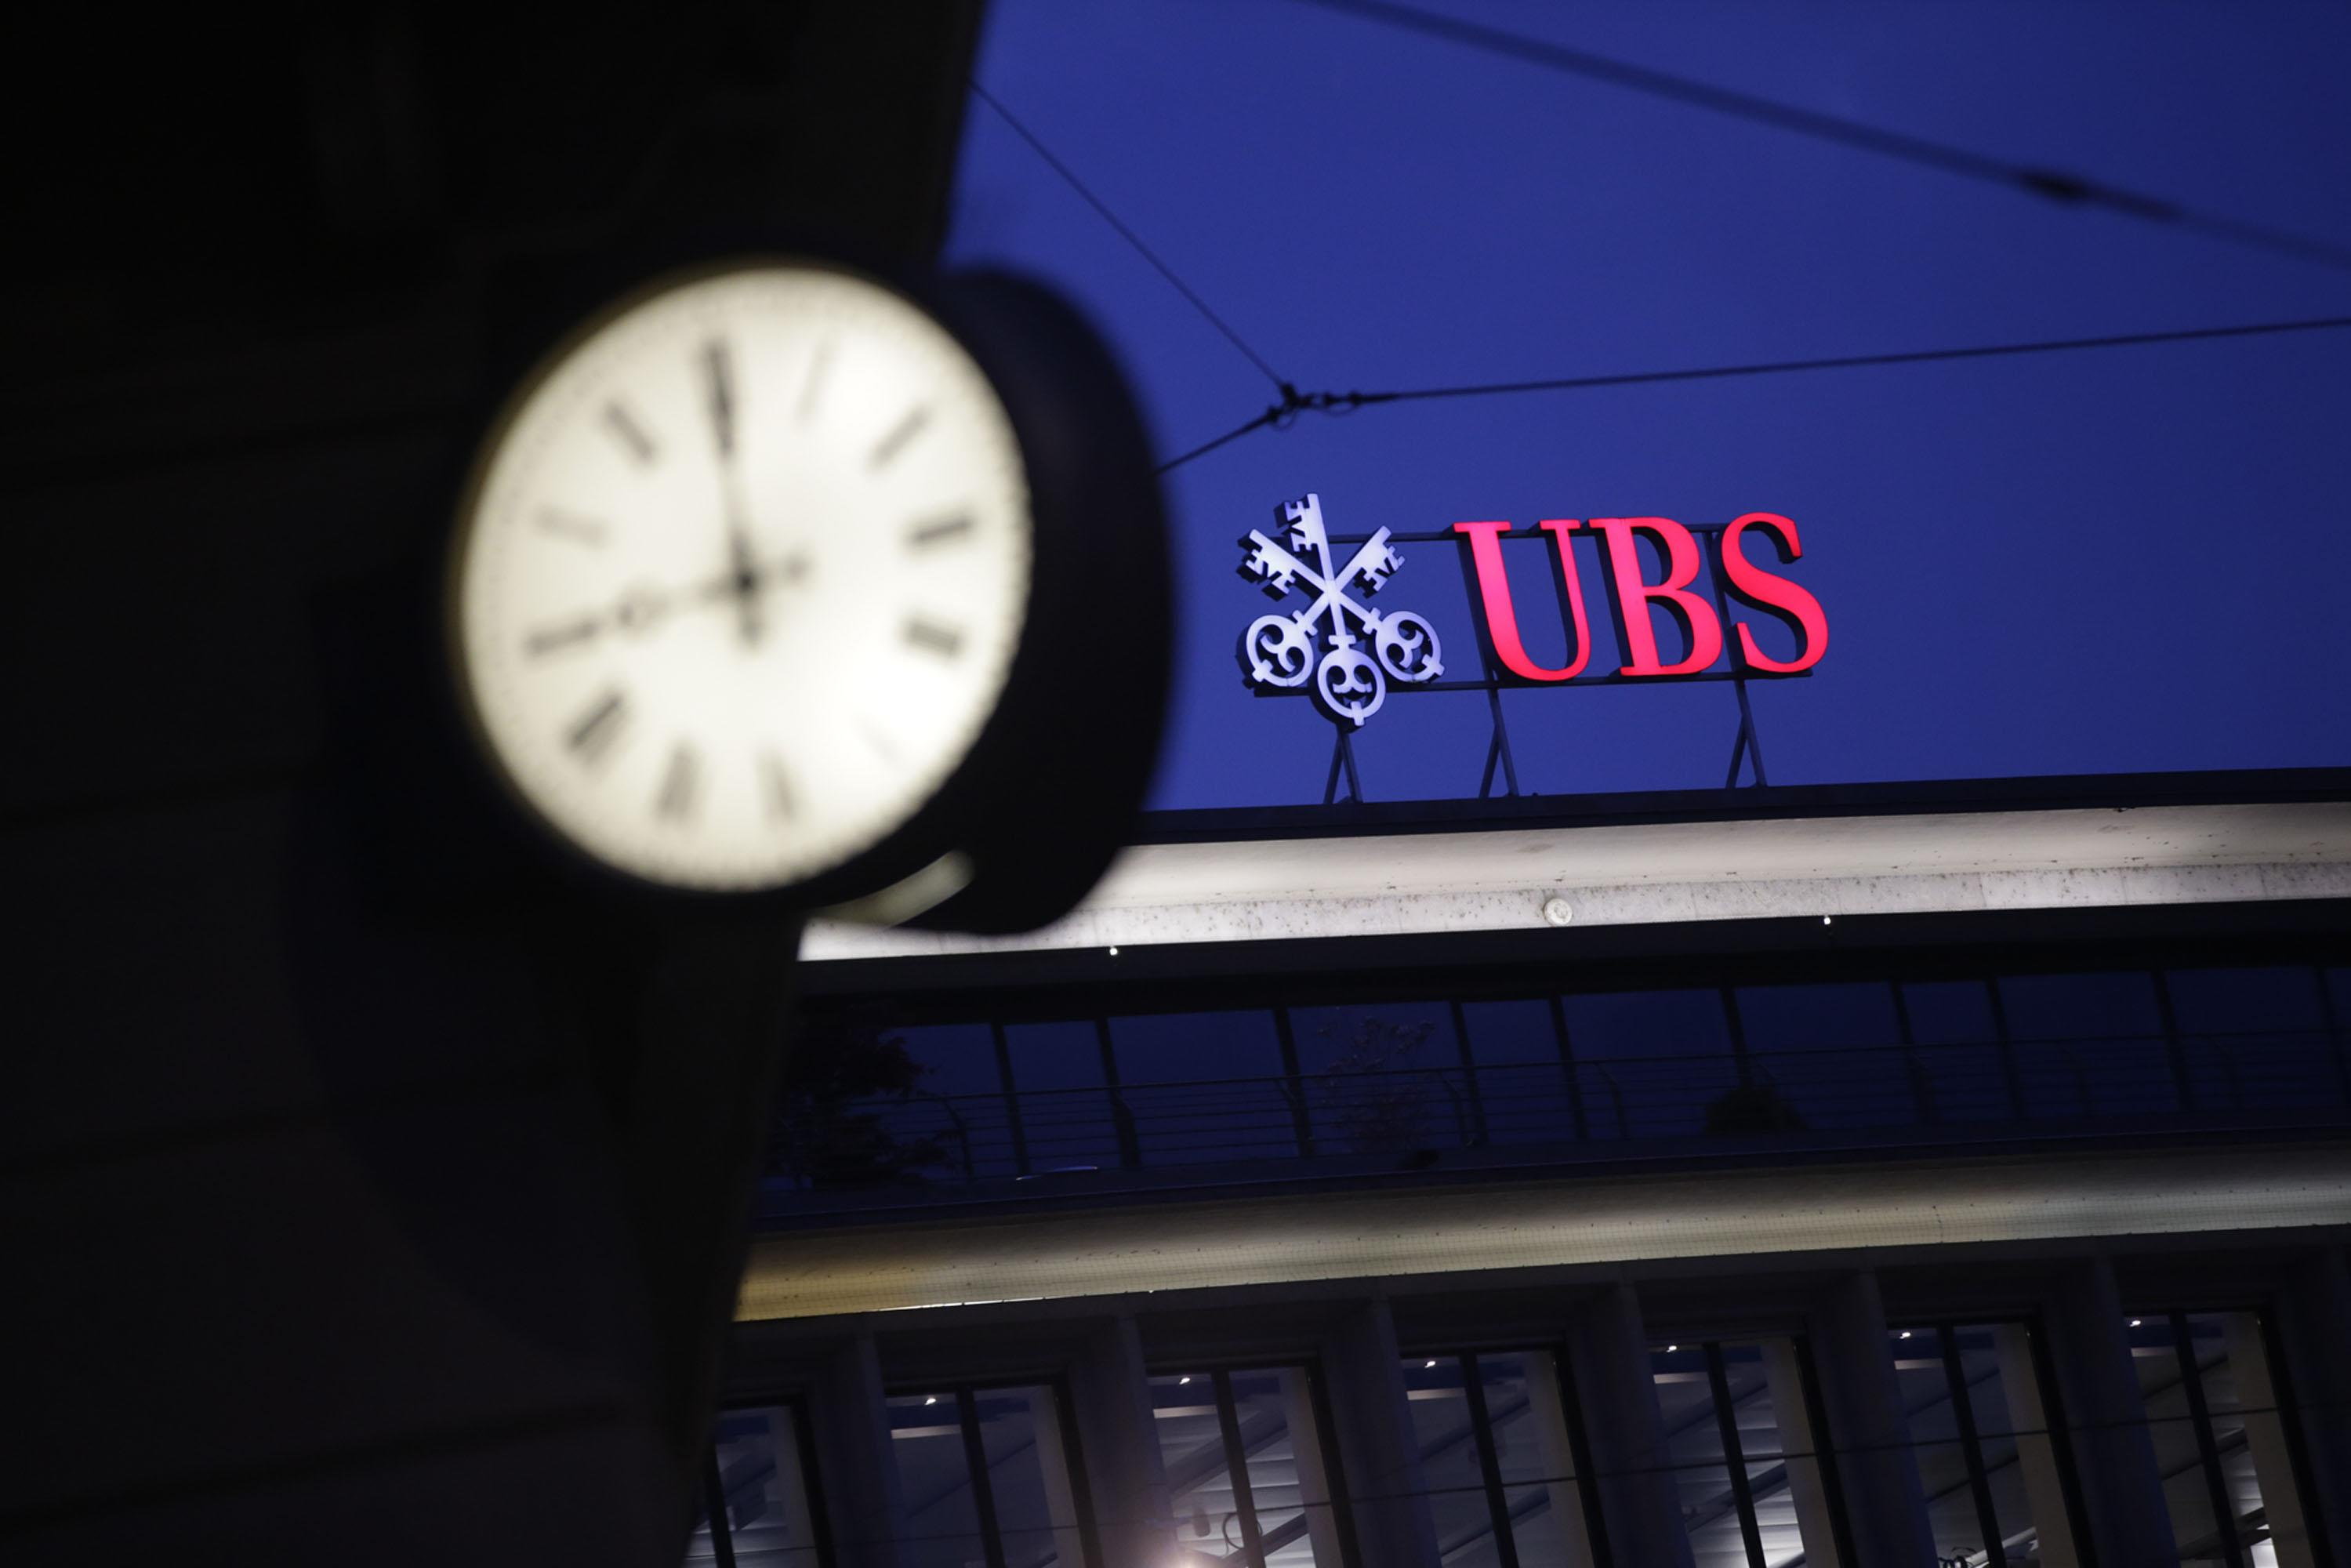 Deutsche Bank, UBS Asset Management Deal Talks Stall